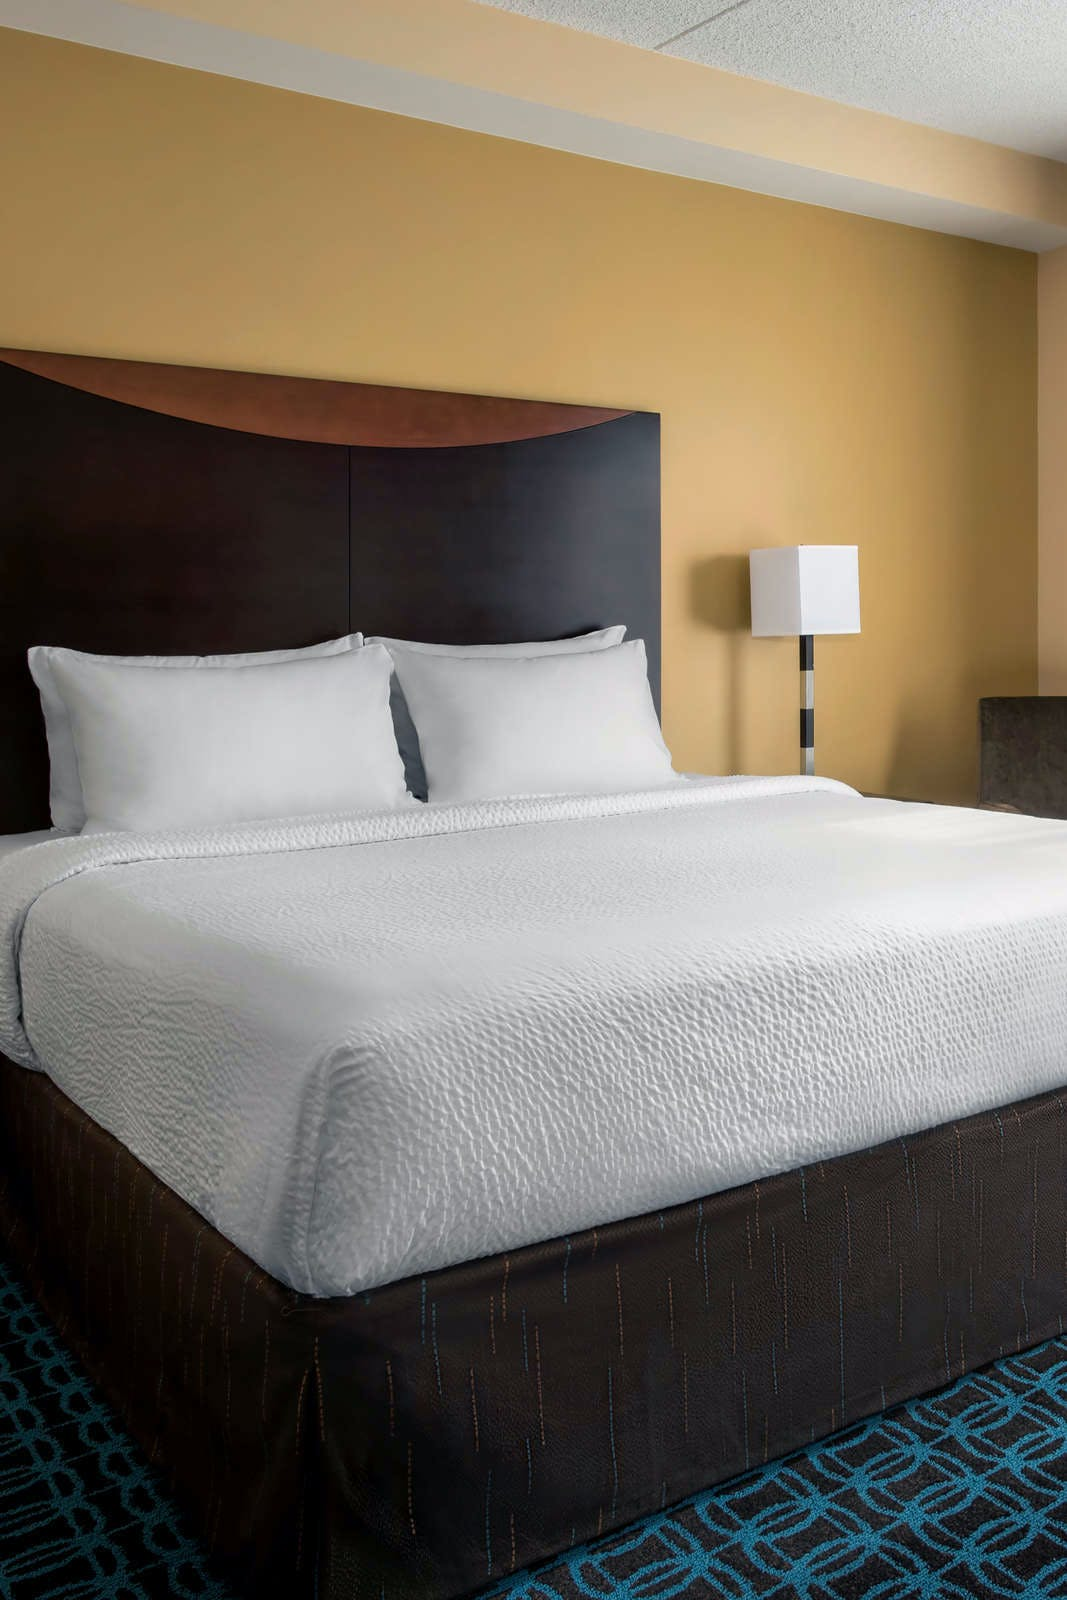 Fairfield Inn & Suites Baltimore Downtown/Inner Harbor